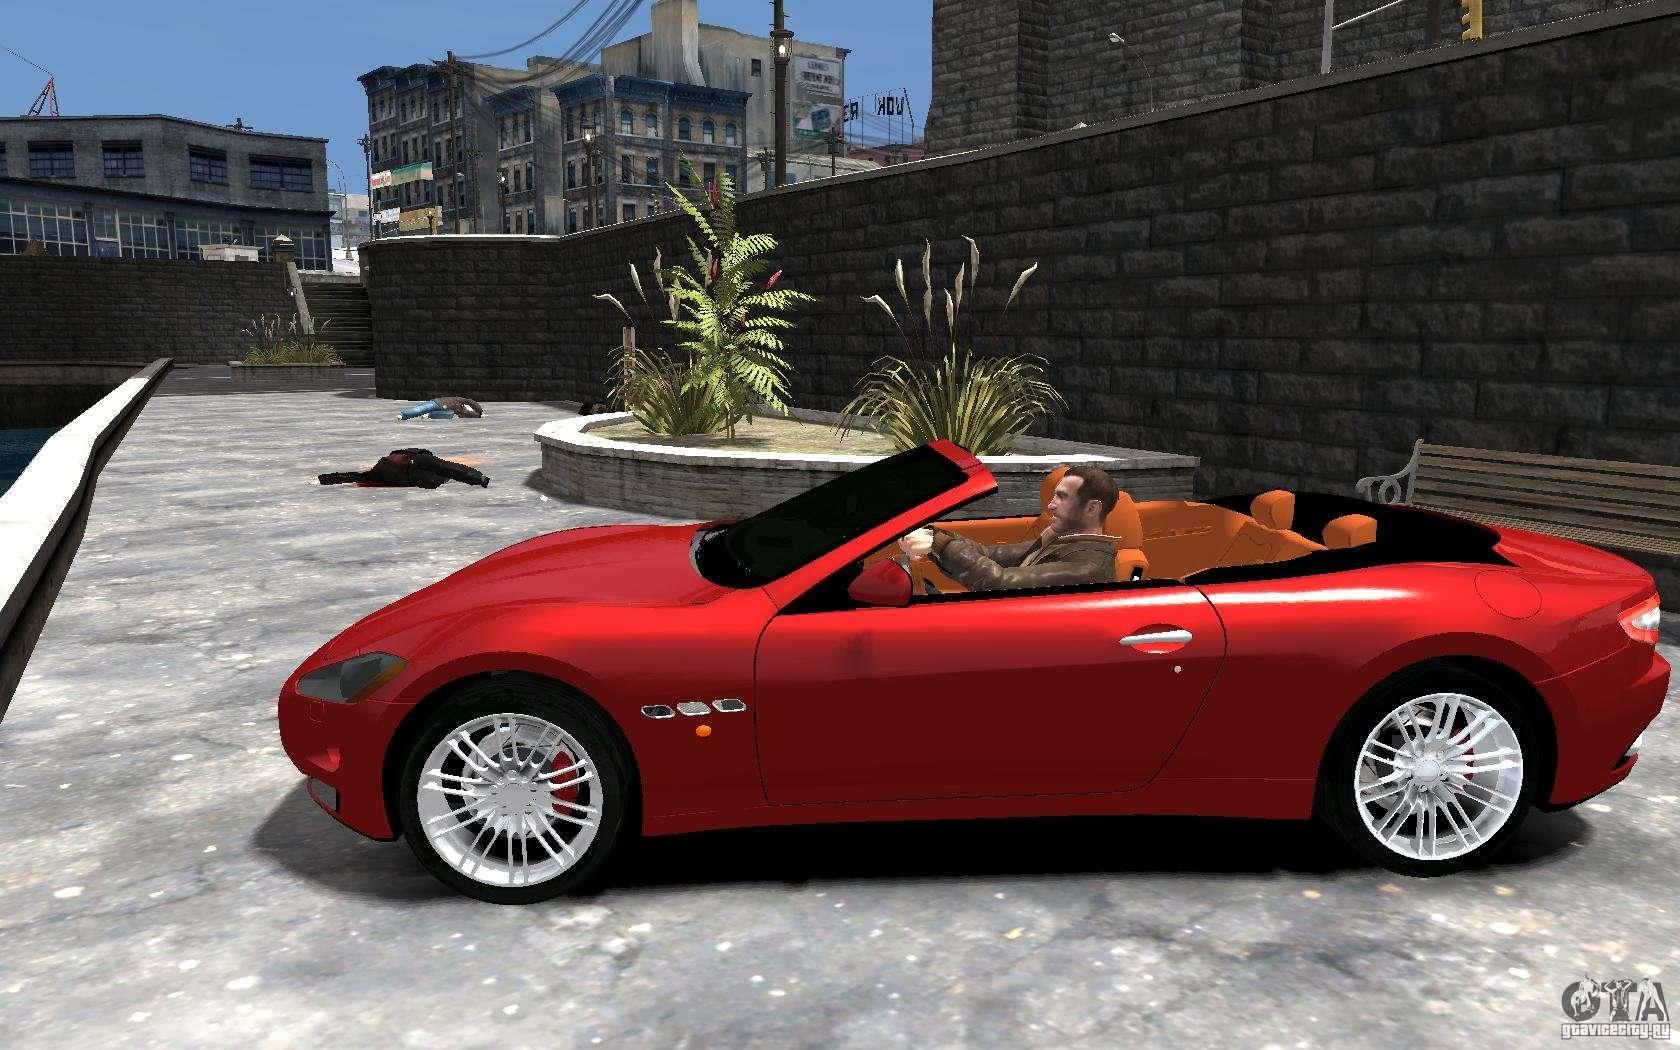 Maserati intruder